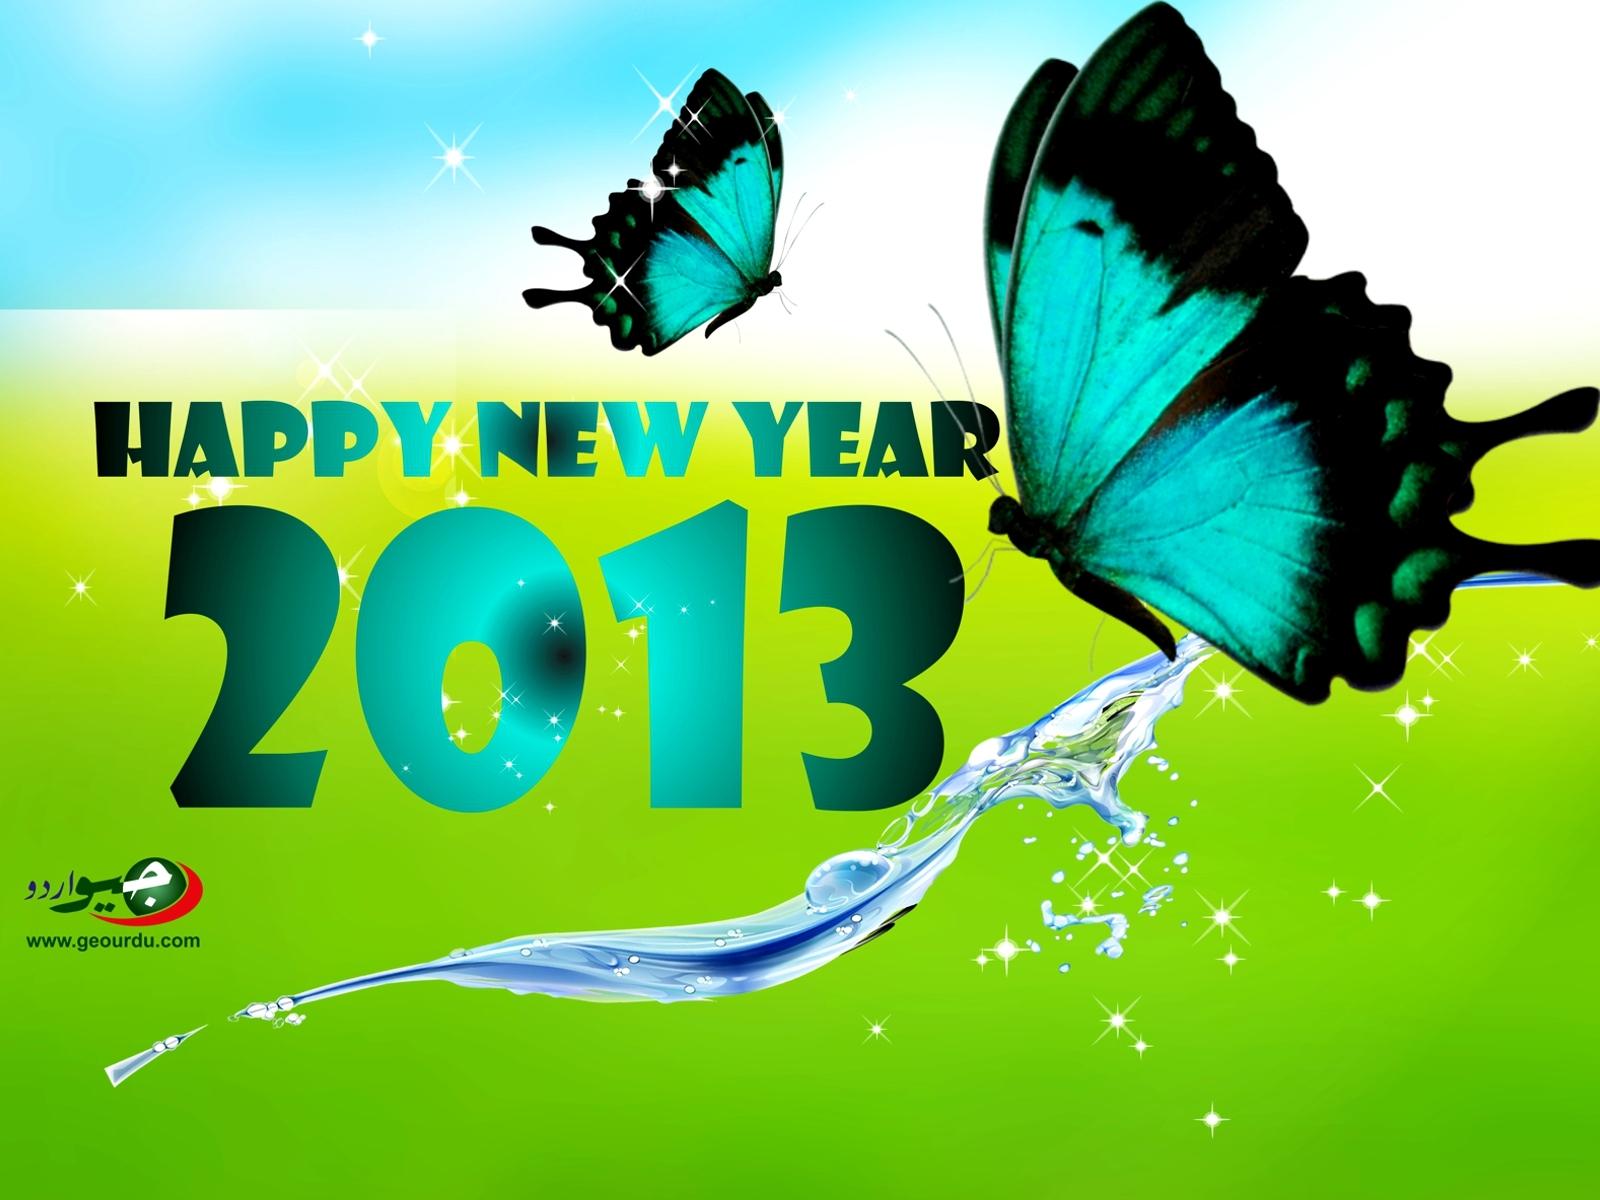 http://3.bp.blogspot.com/-G0uZMYqNnQk/UM7B-TmZ8yI/AAAAAAAA78I/CicXX1Nu778/s1600/hinh+nen+do+phan+giai+cao+2013+(2).jpg